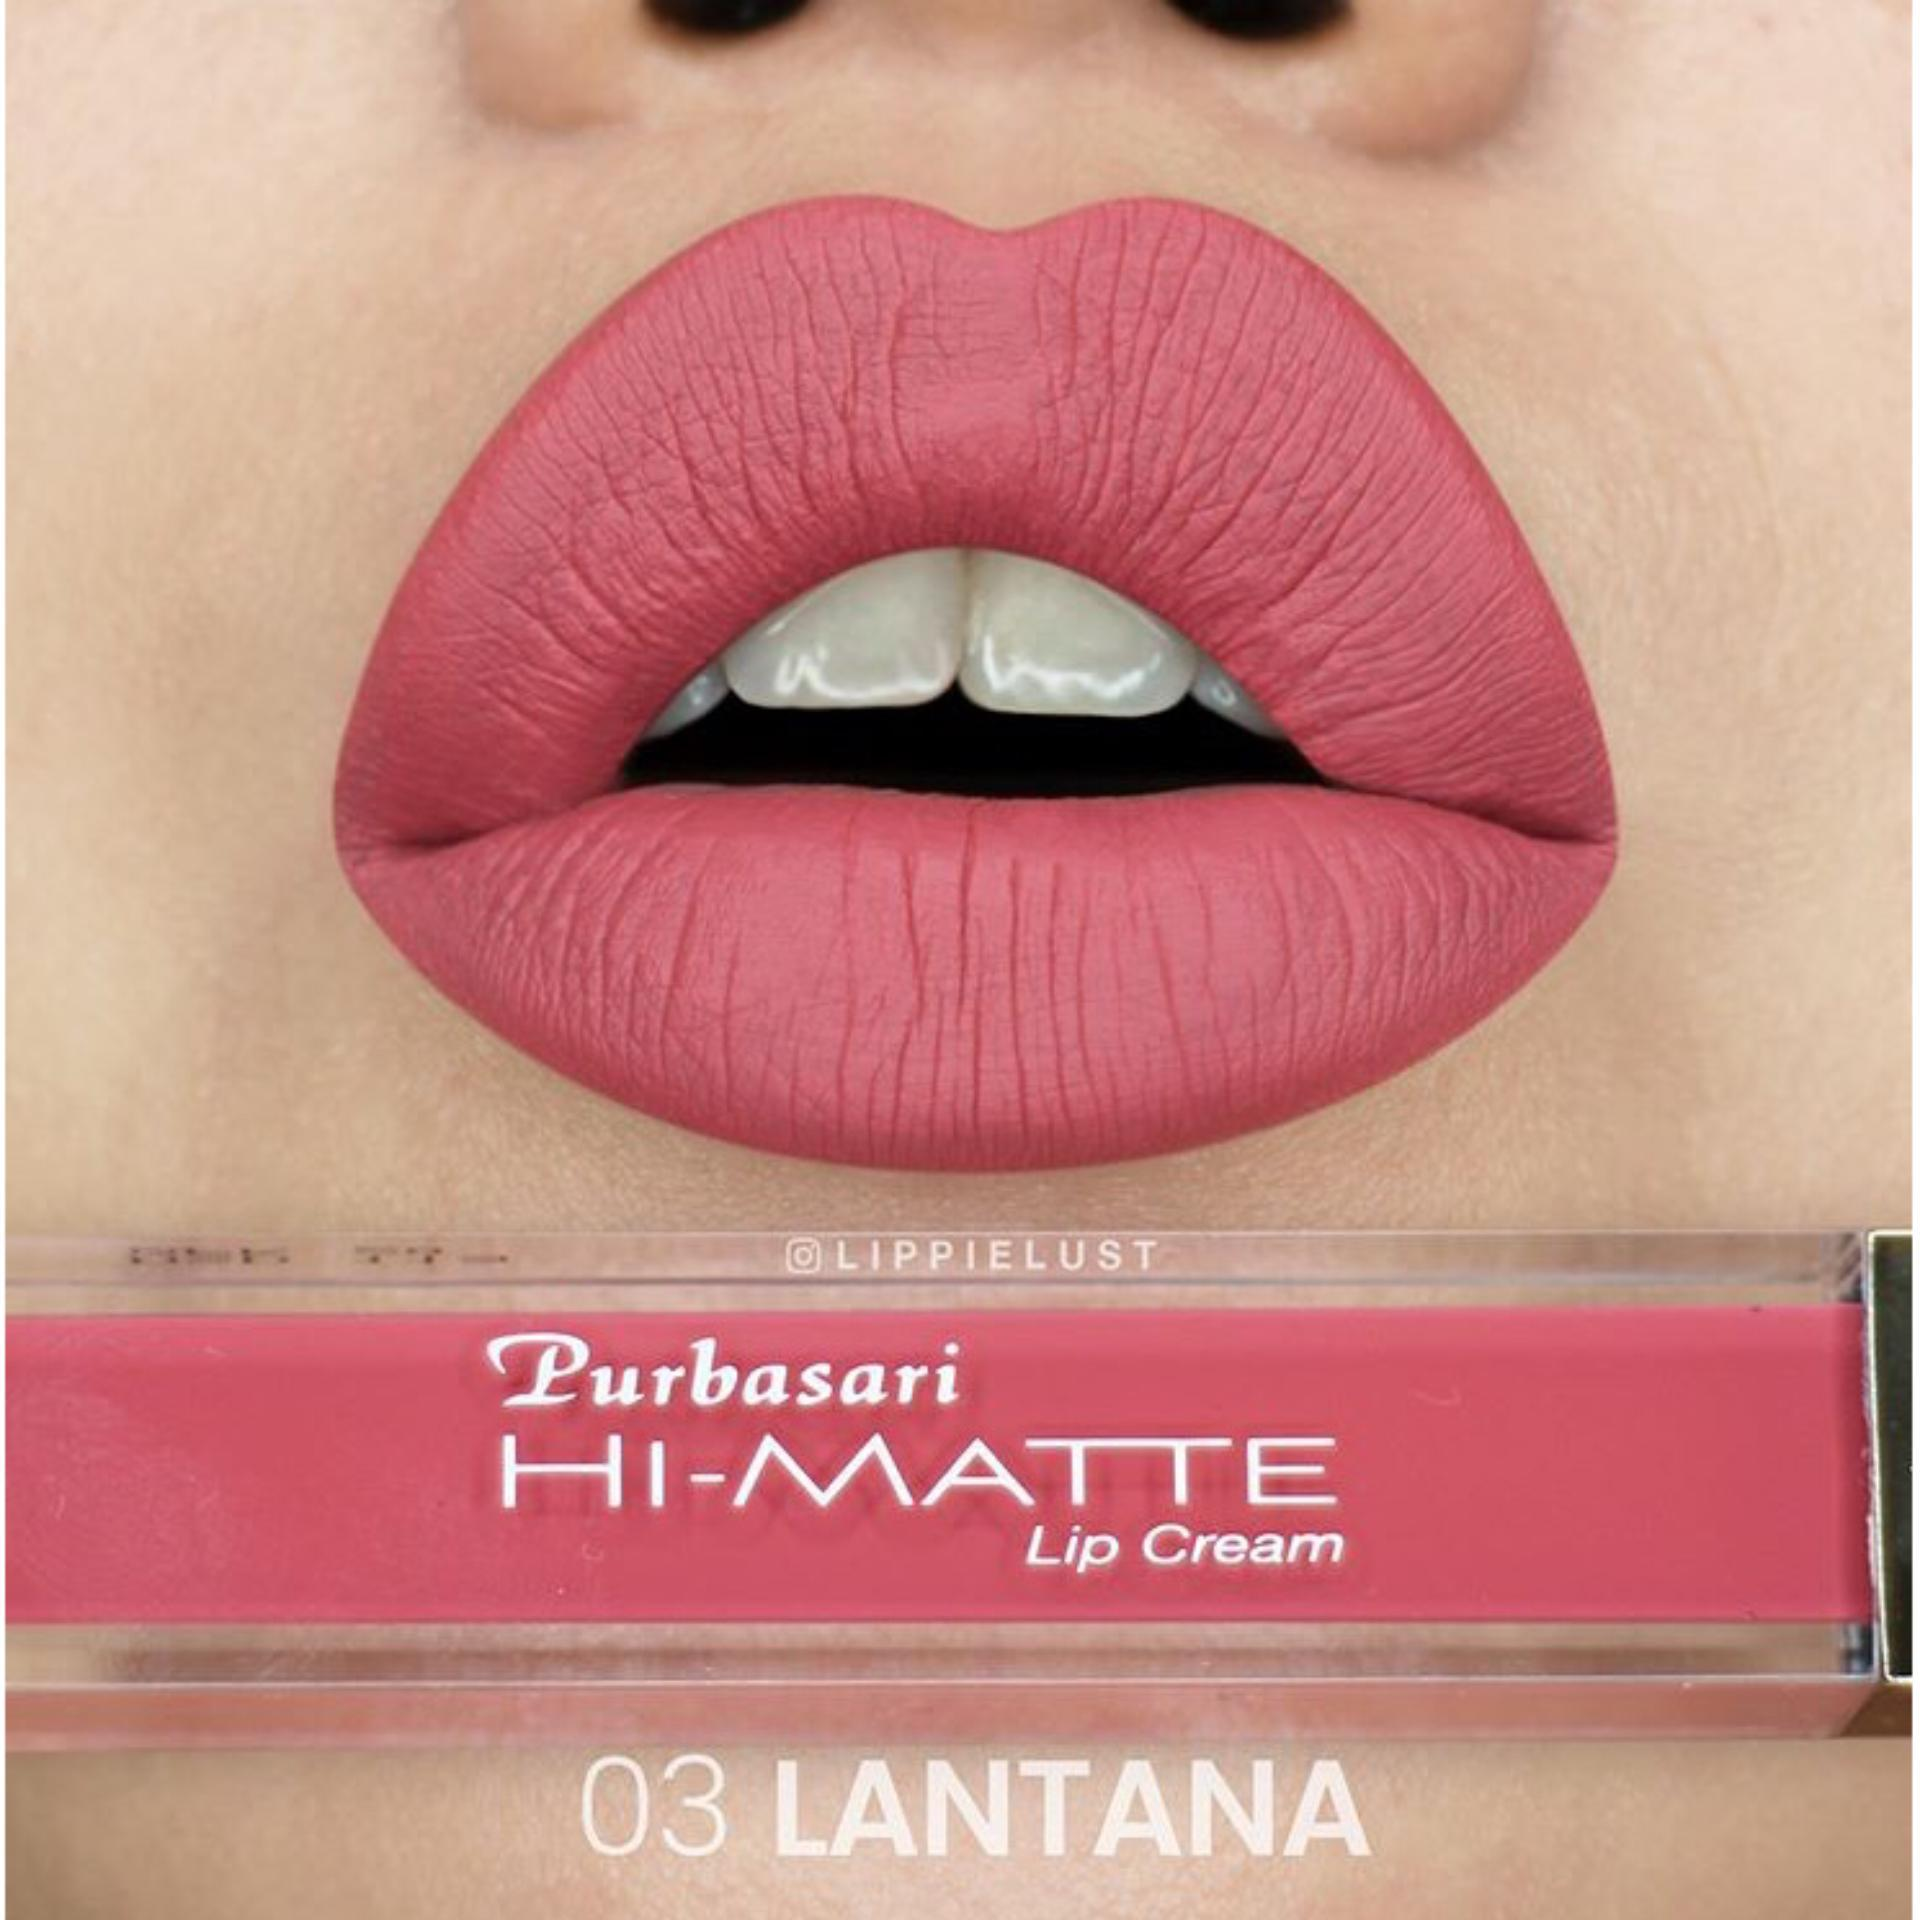 Purbasari Hi-matte Lip Cream - 03 Lantana